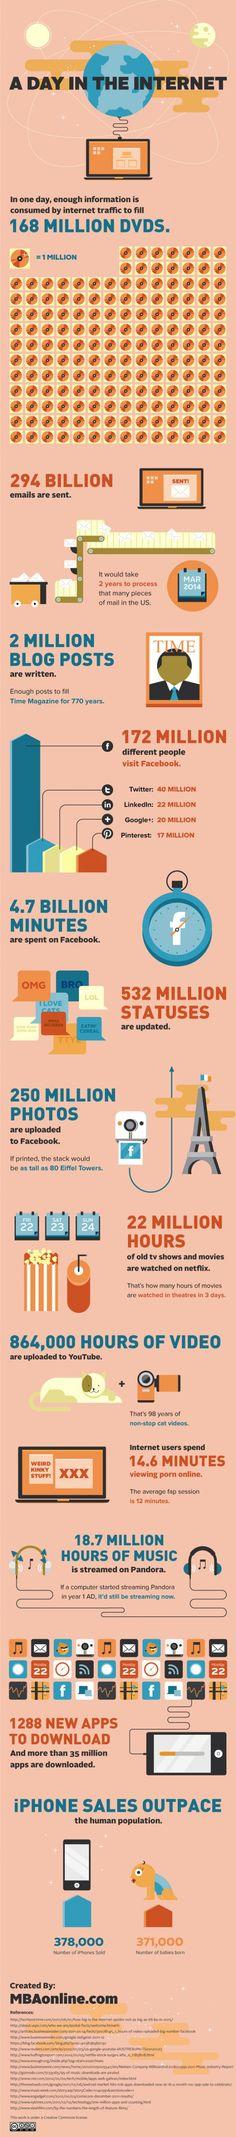 2 Mio. Blogartikel werden pro Tag veröffentlicht #infografik